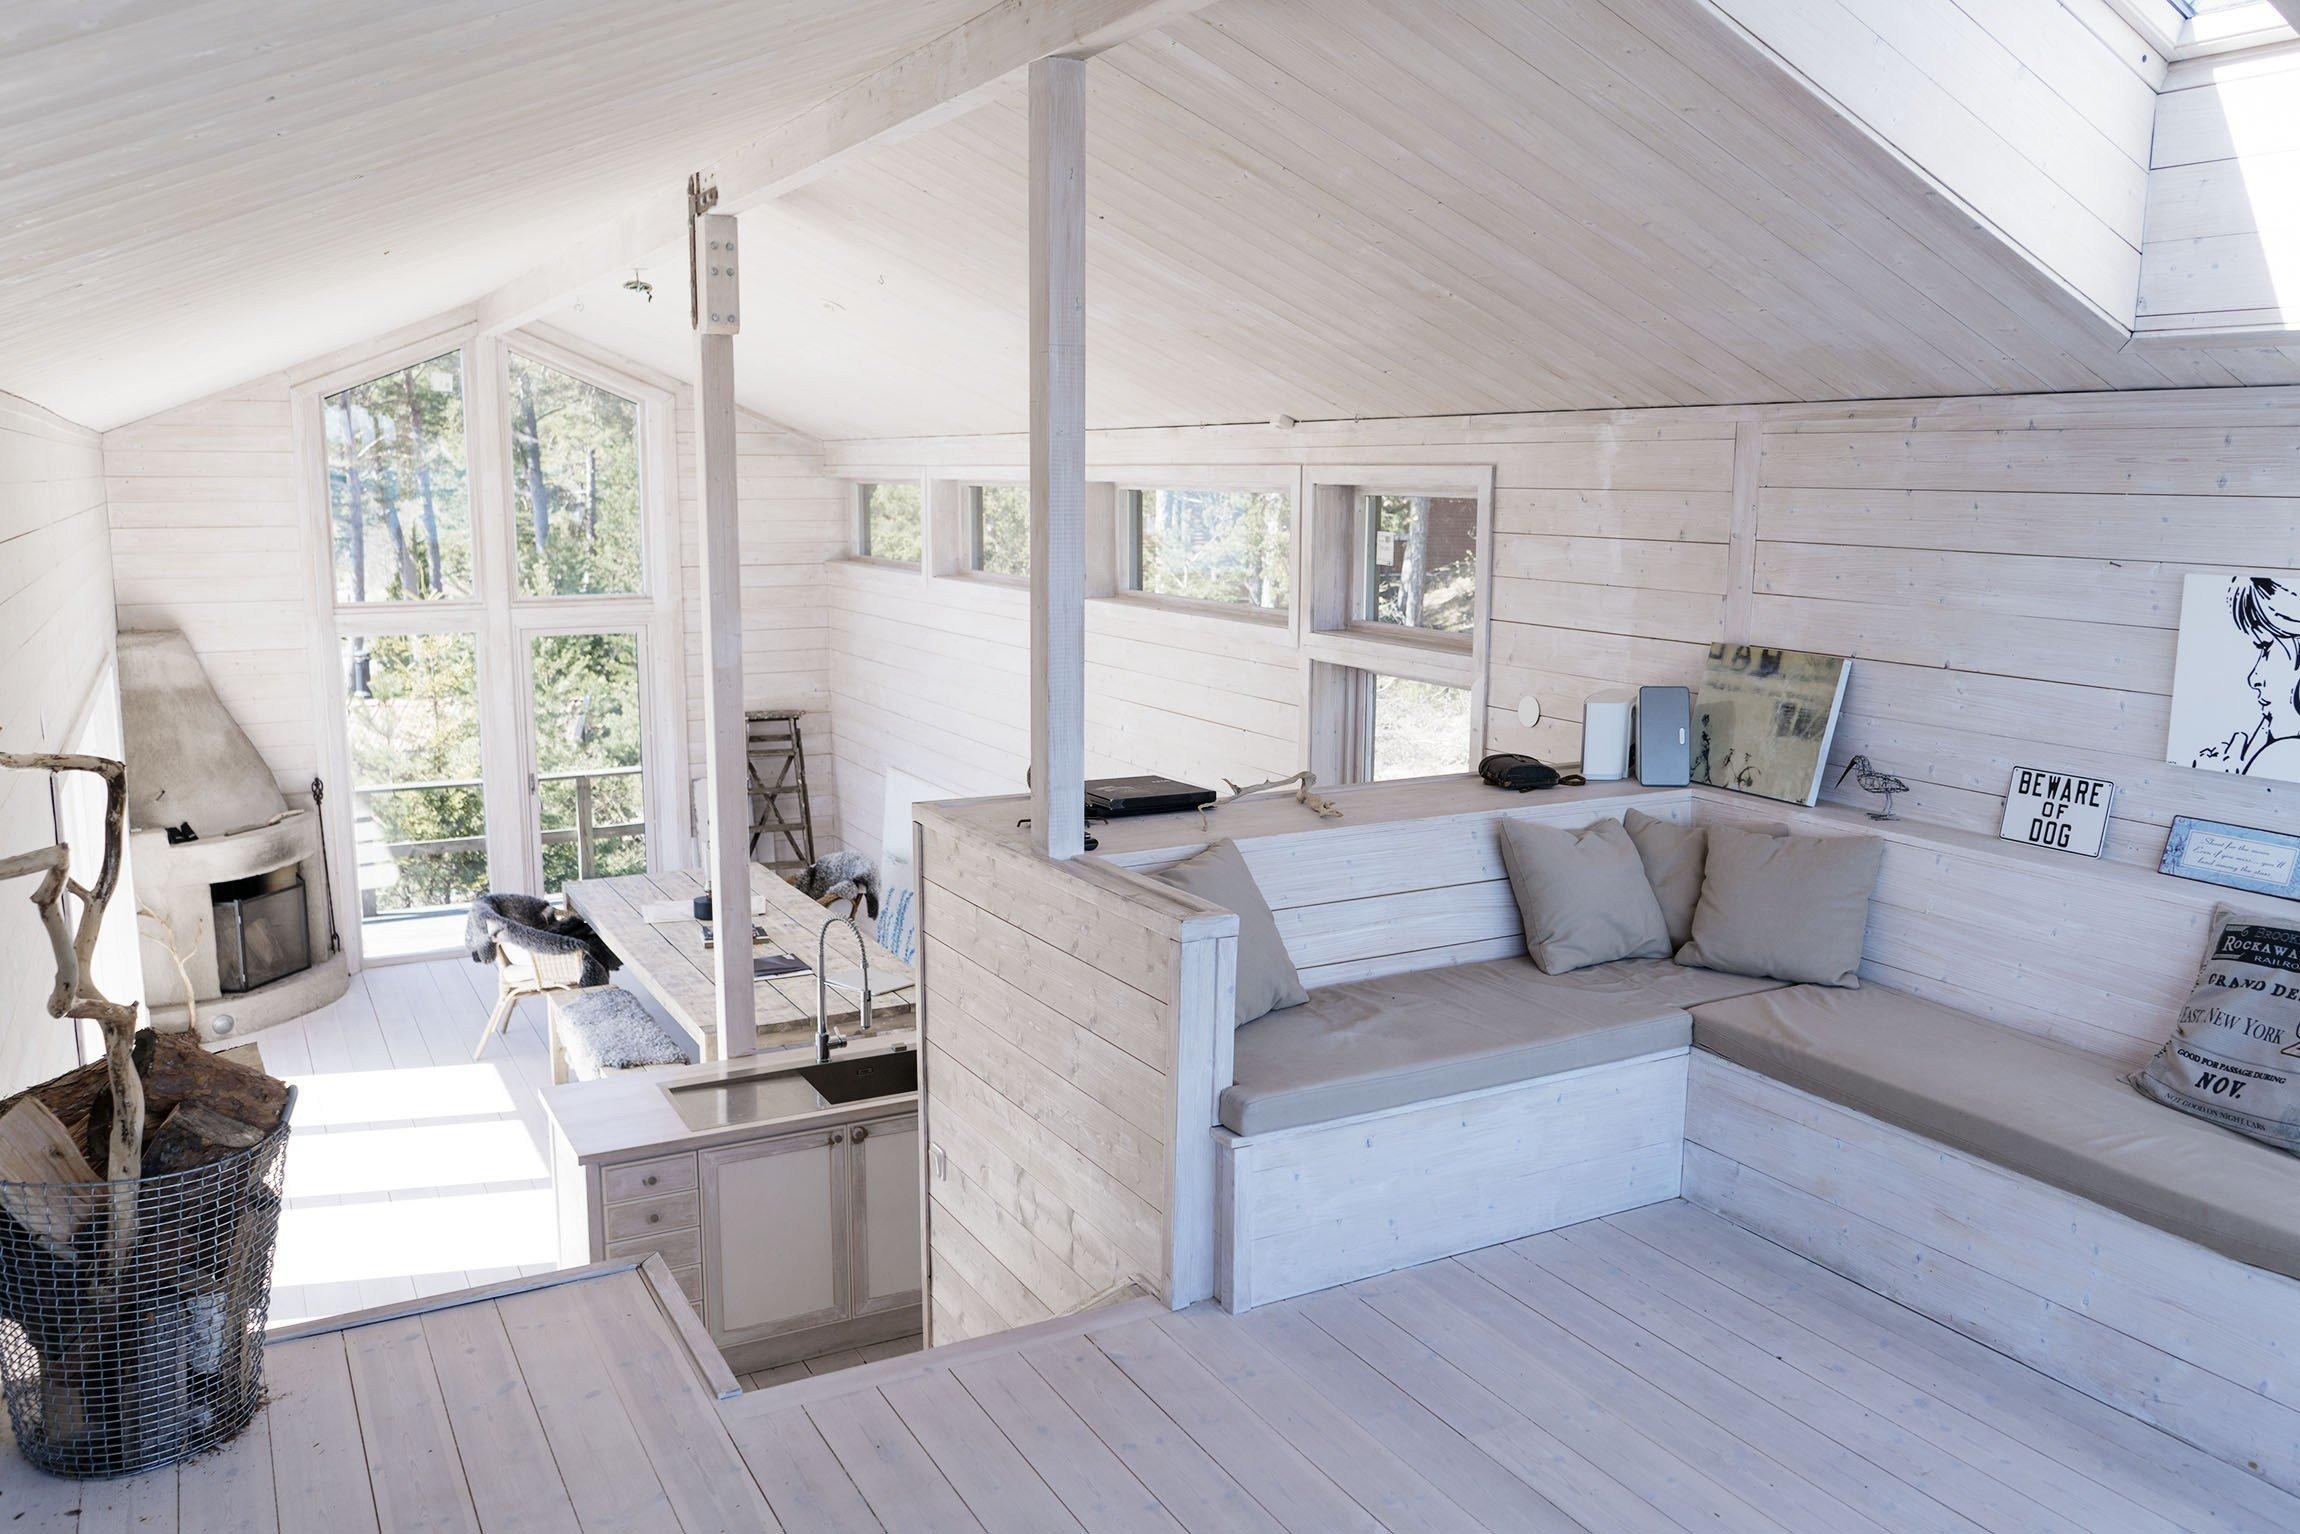 Dřevo, lesy, kámen, slunce a voda – to jsou stěžejní prvky spoludotvářející tento kouzelný dům u jezera. Přestože je zařízený v severském stylu, je plný světla, tepla a pozitivní atmosféry.